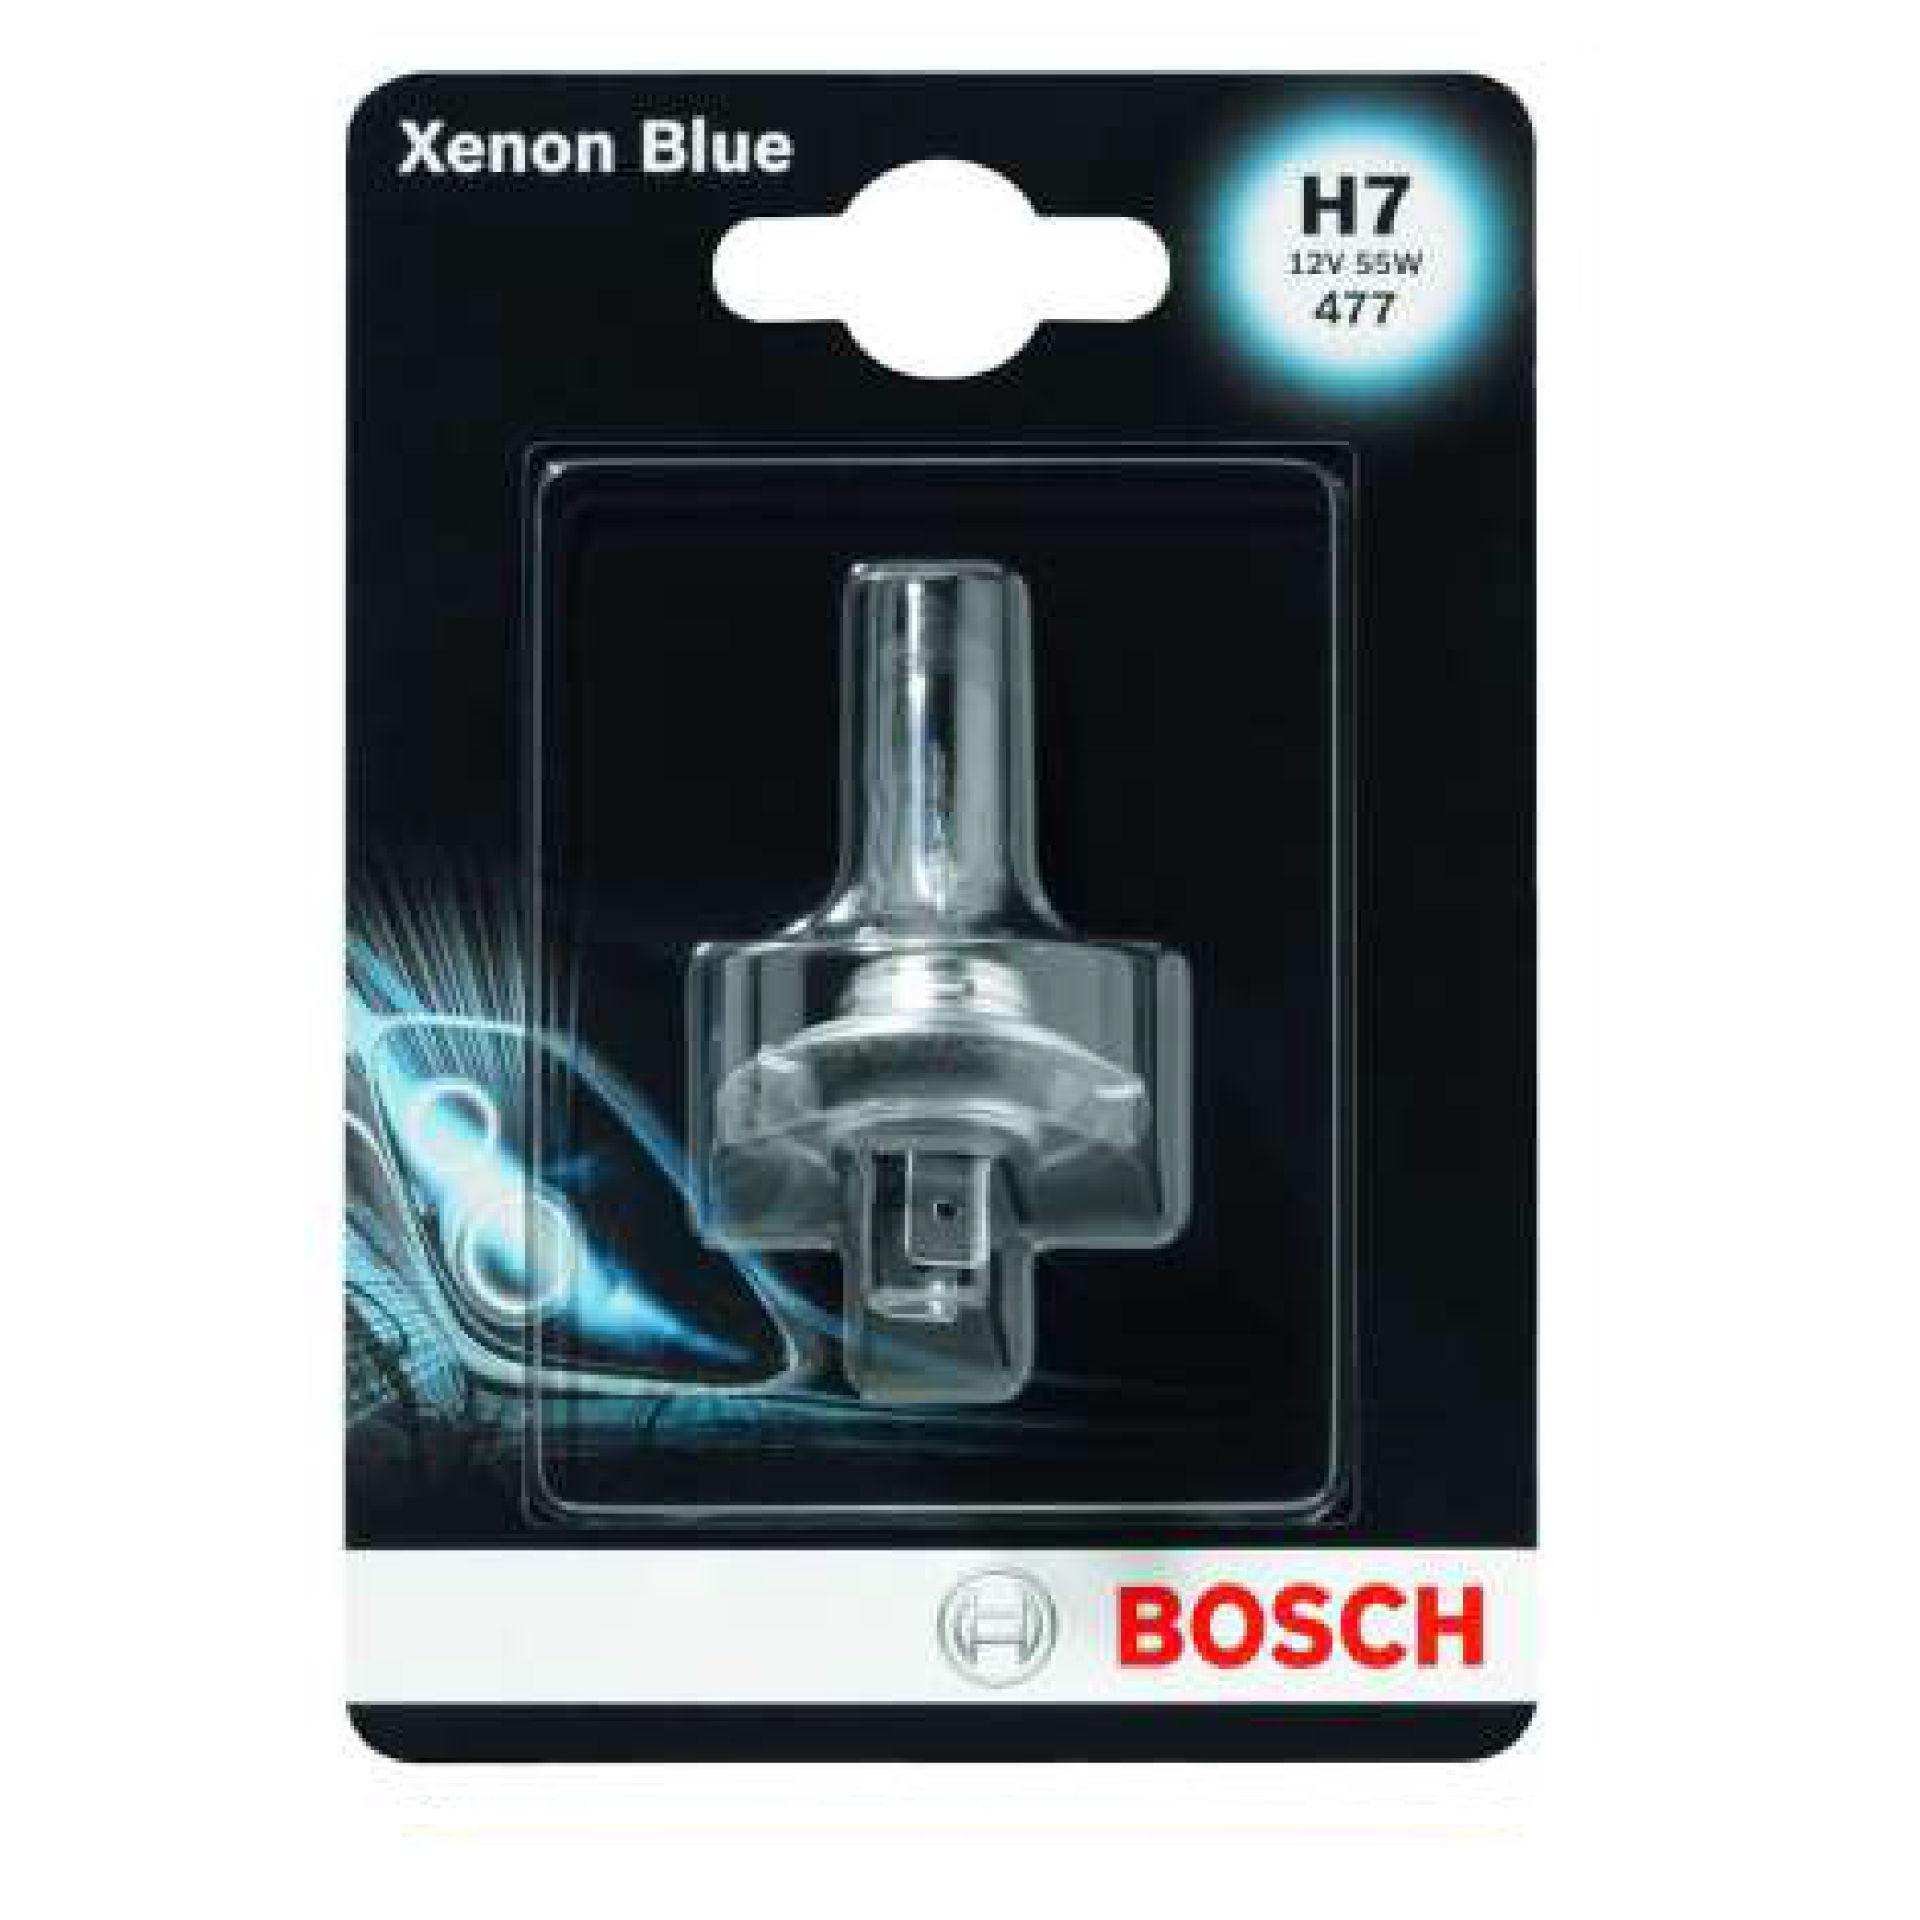 BOSCH 1 LAMP H7 XENON BLUE 013Bosch